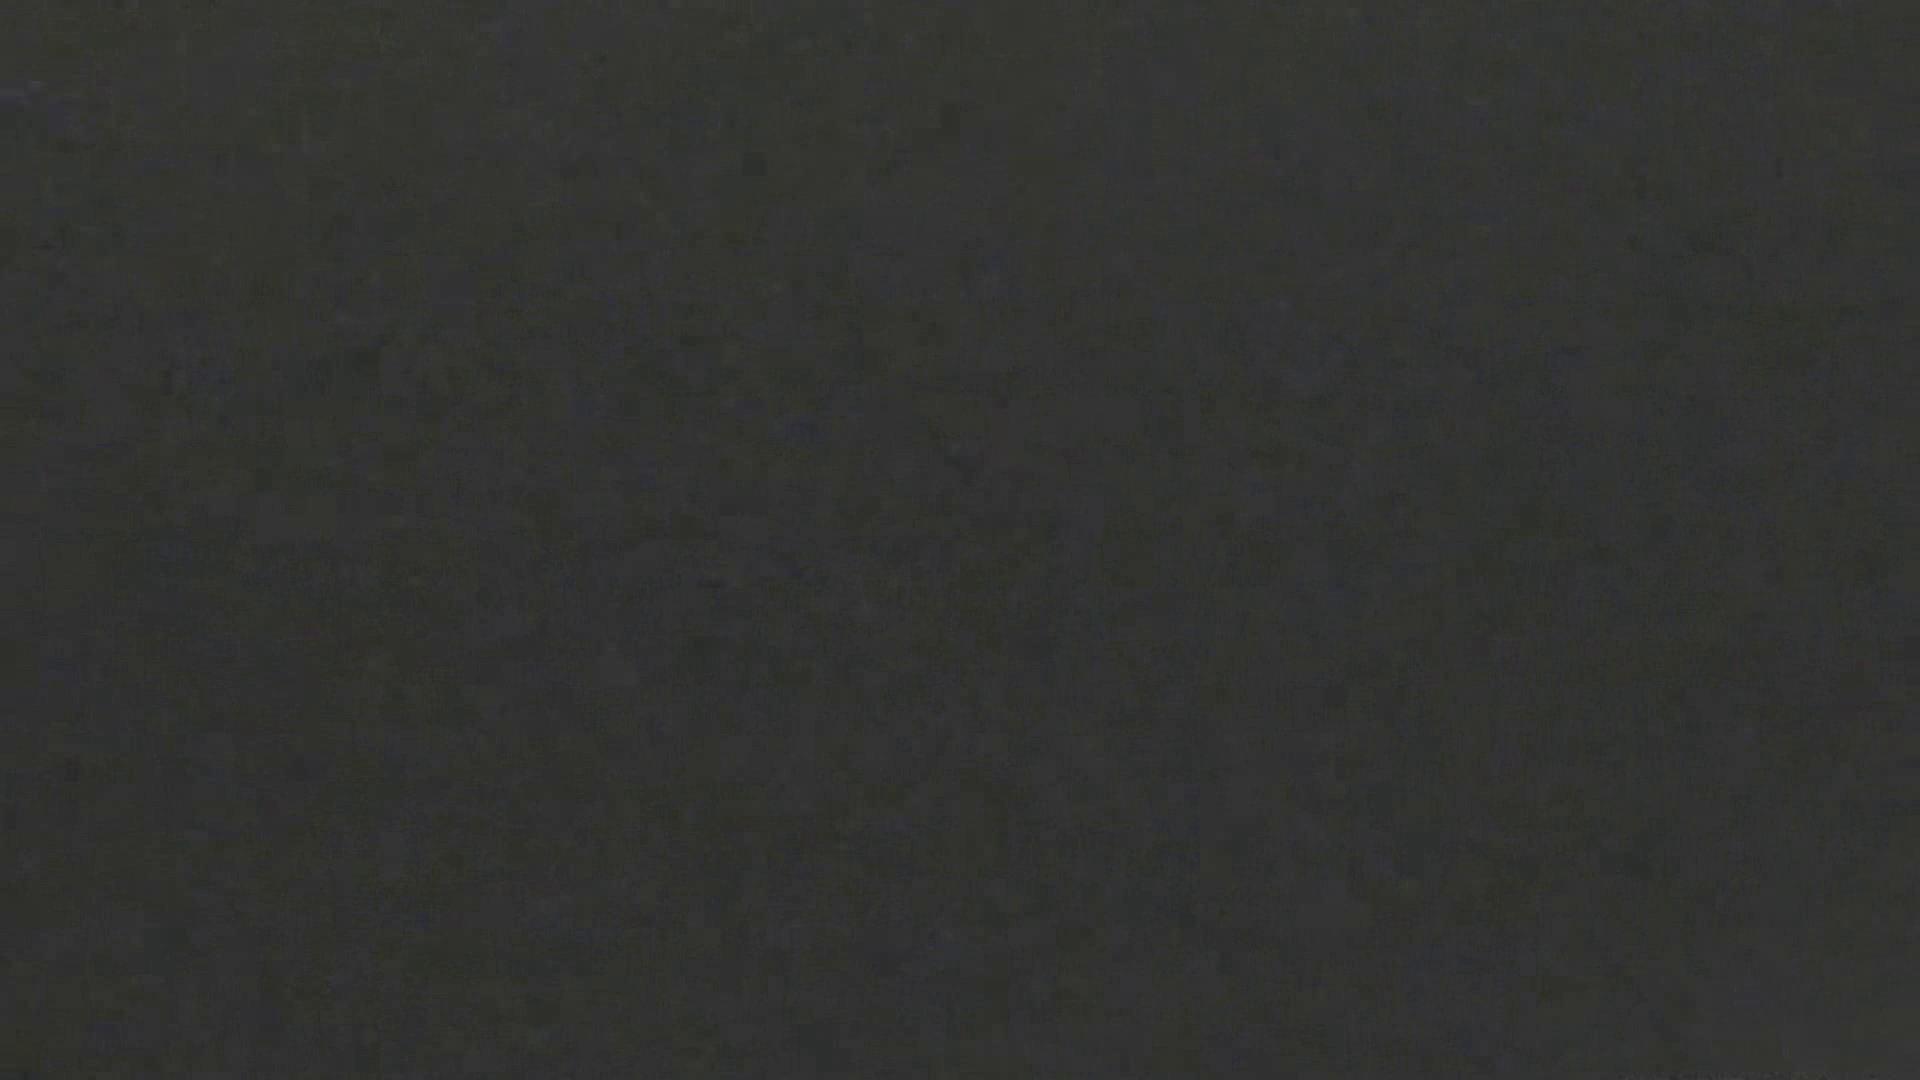 ロックハンドさんの盗撮記録File.02 無修正マンコ 濡れ場動画紹介 82連発 43